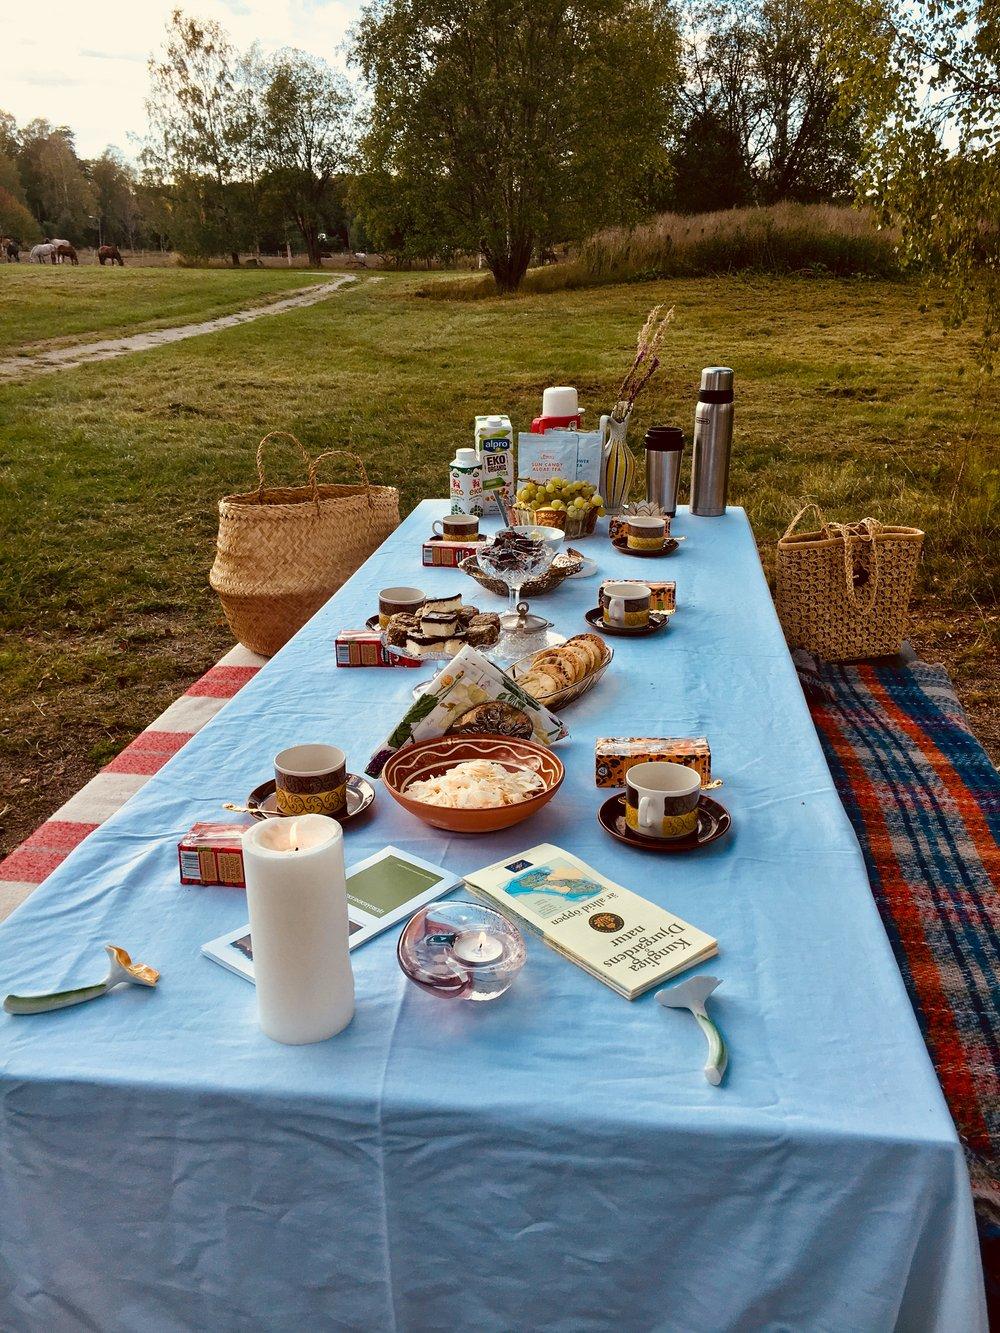 Picknick mitt i staden och mitt i den vilda naturen.